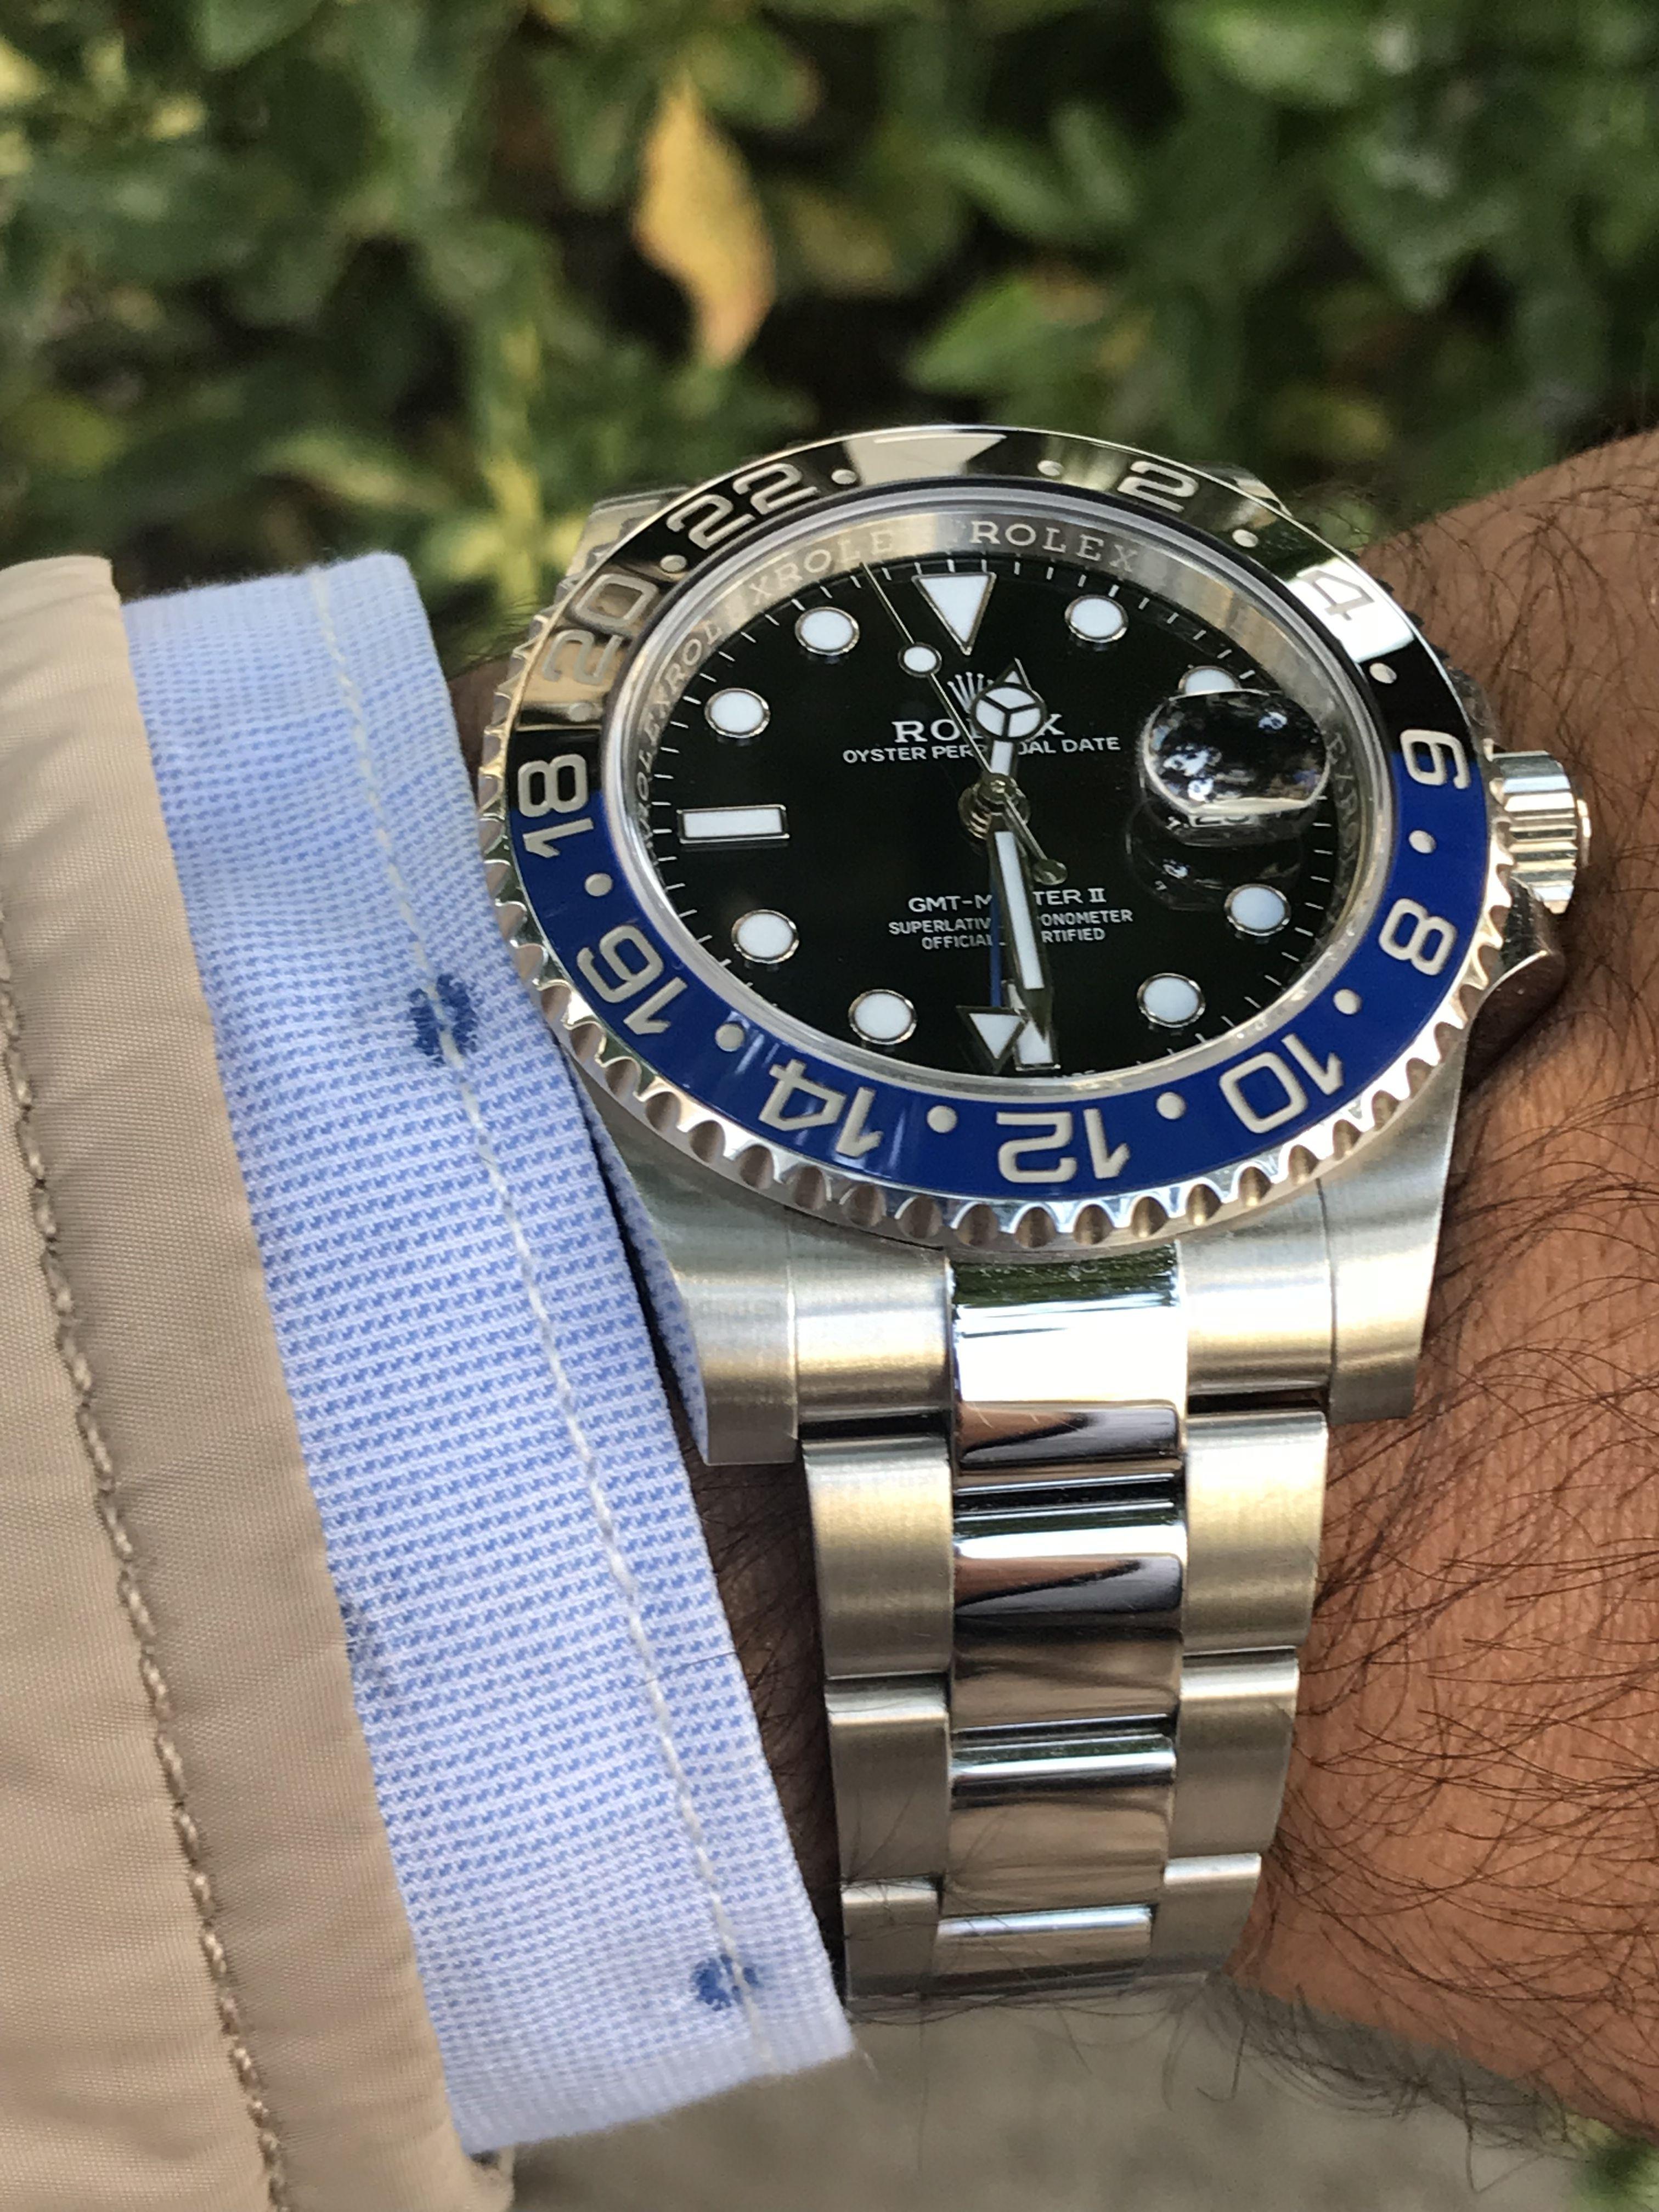 Rolex Gmt Master Ii Blnr Batman Rolex Gmt Rolex Gmt Master Rolex Watches